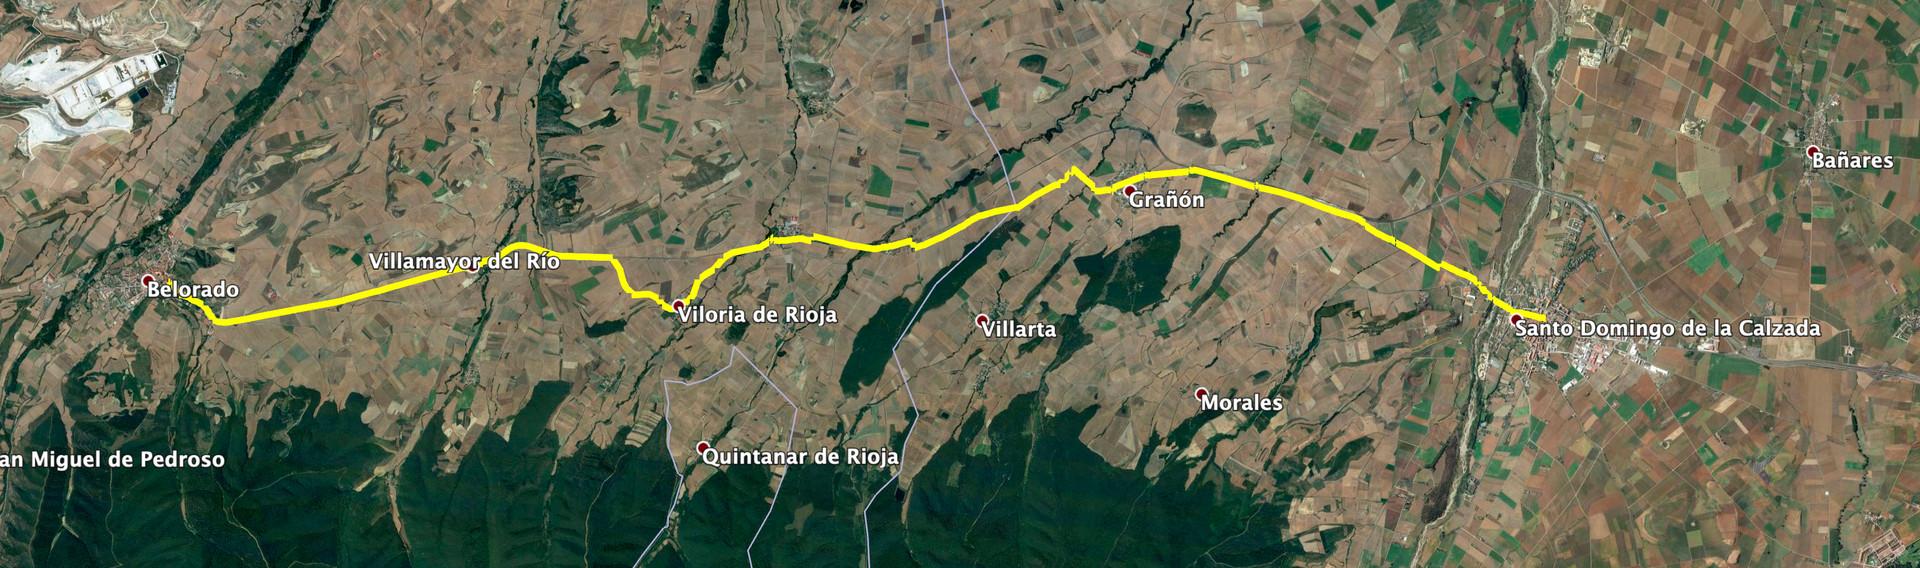 CF Day 11 Map.jpg